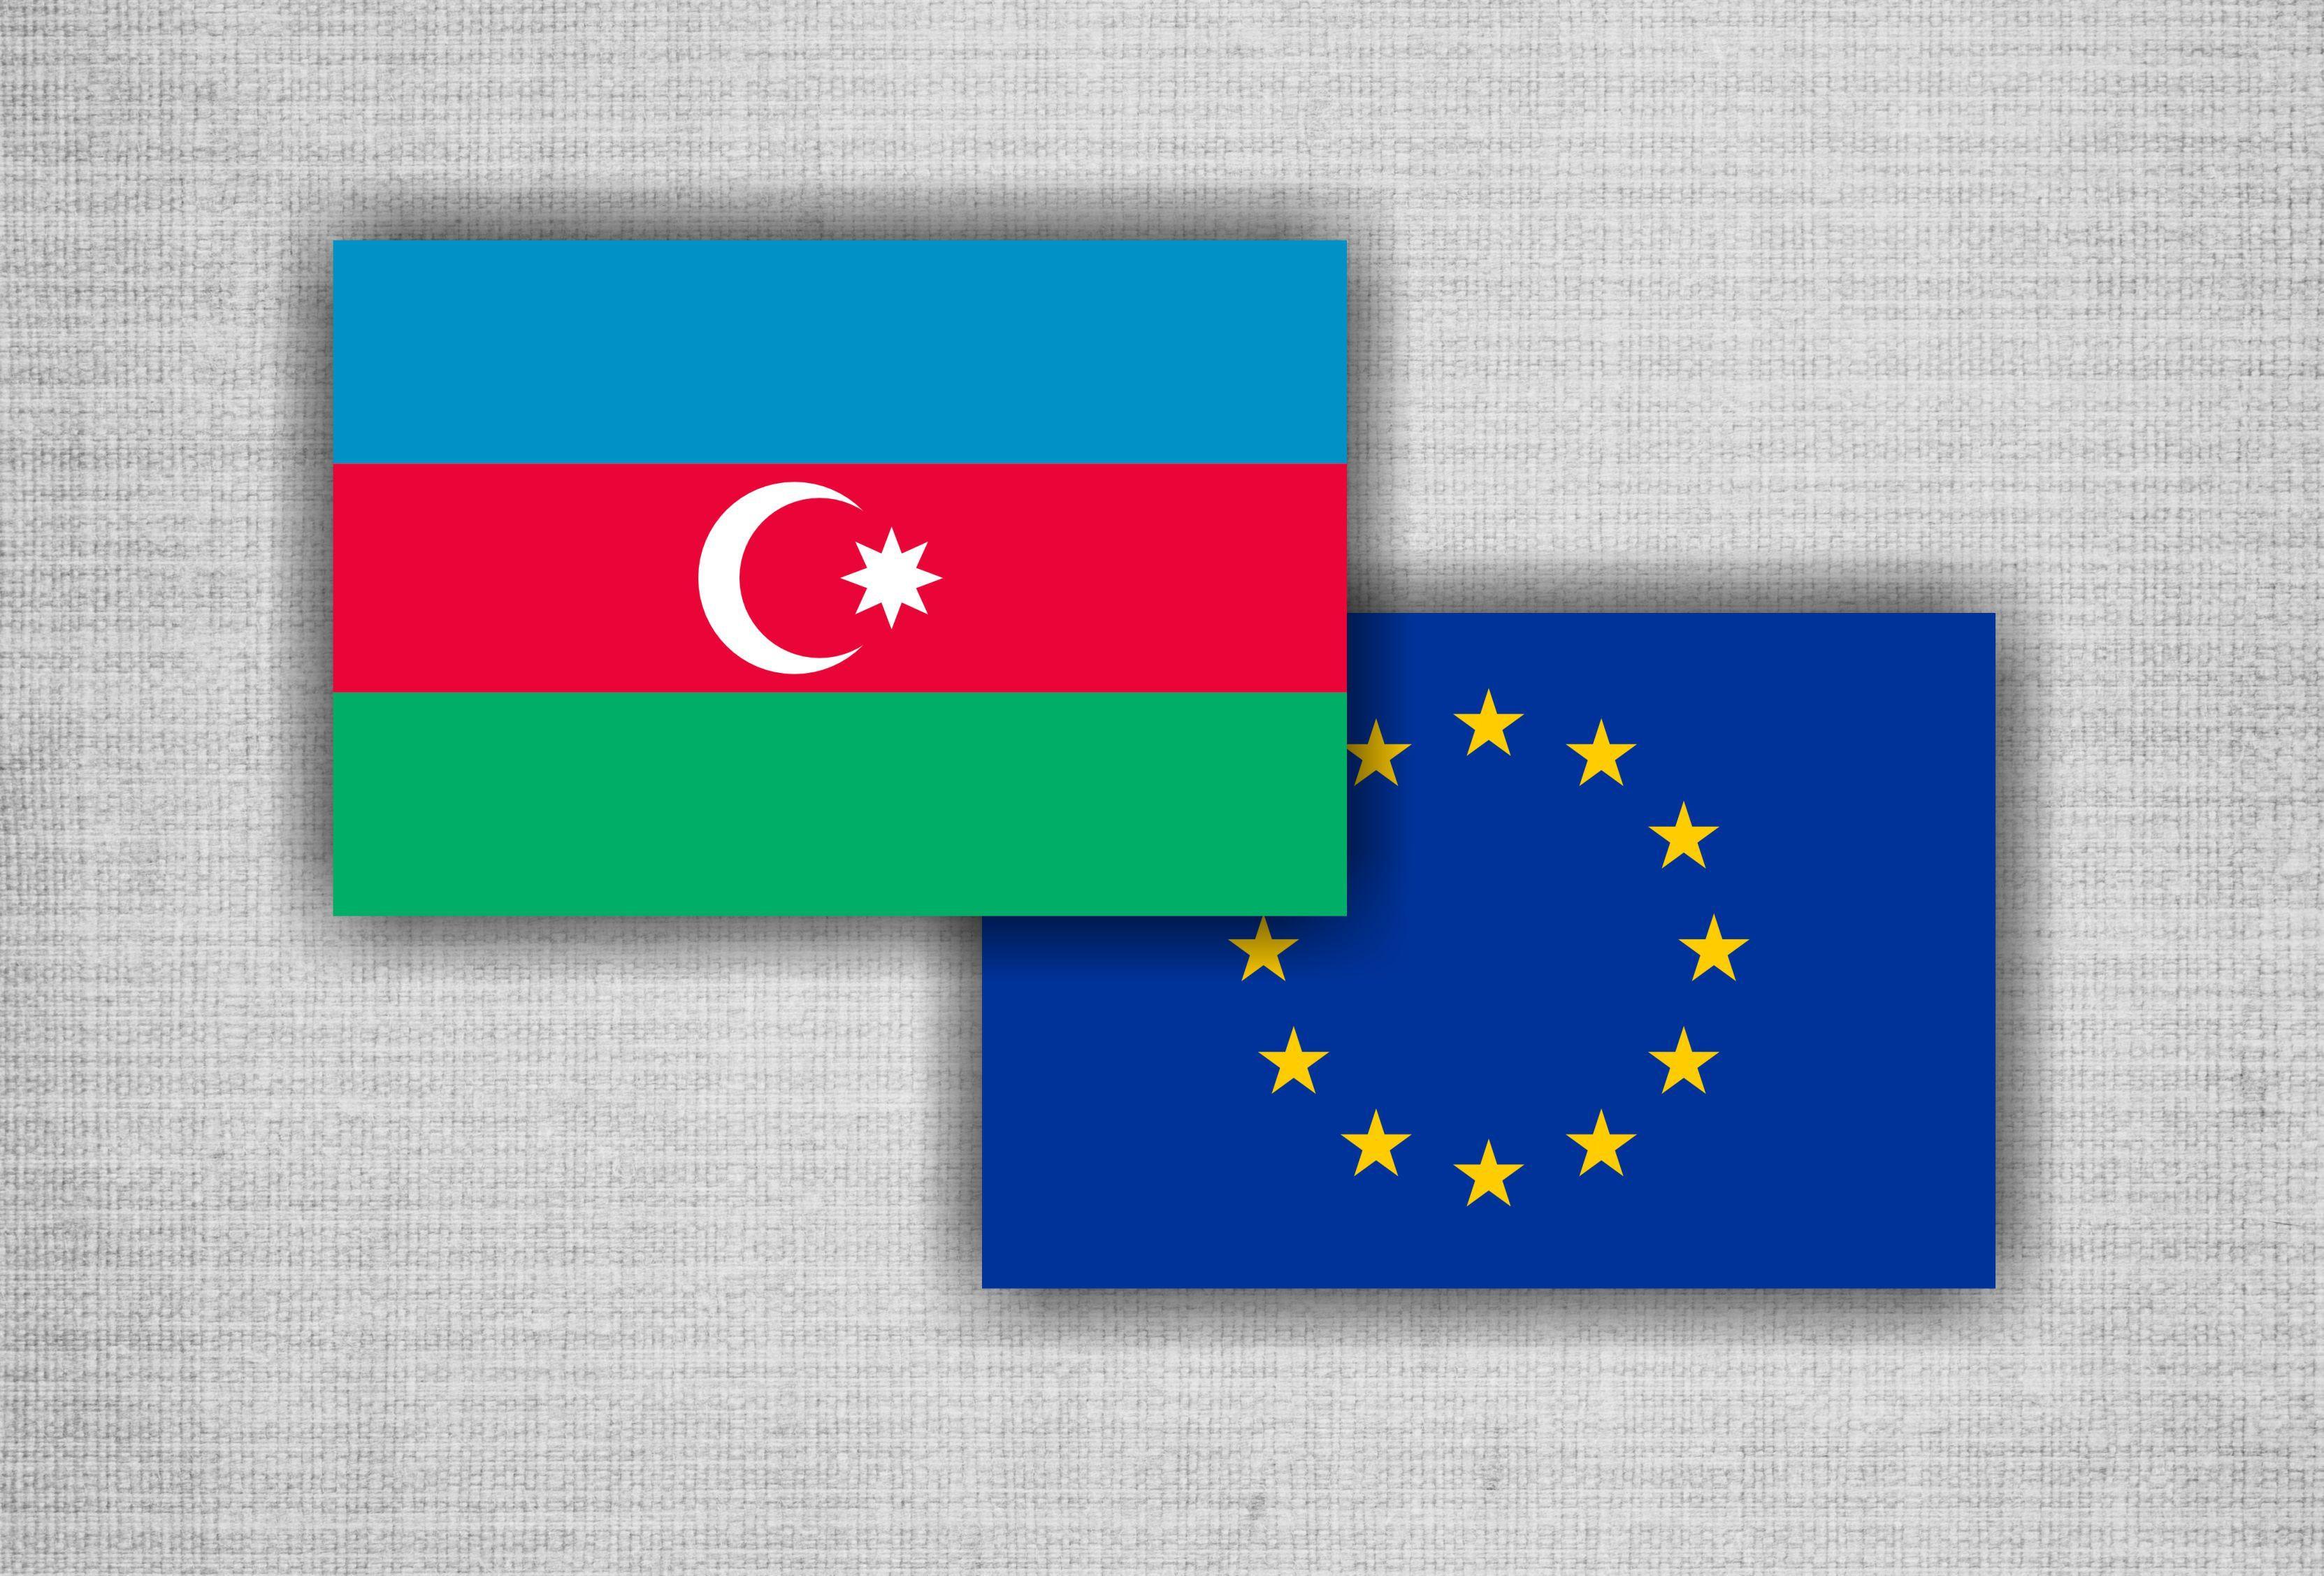 Между ЕС и Азербайджаном будет создан механизм диалога по вопросам безопасности и энергетики